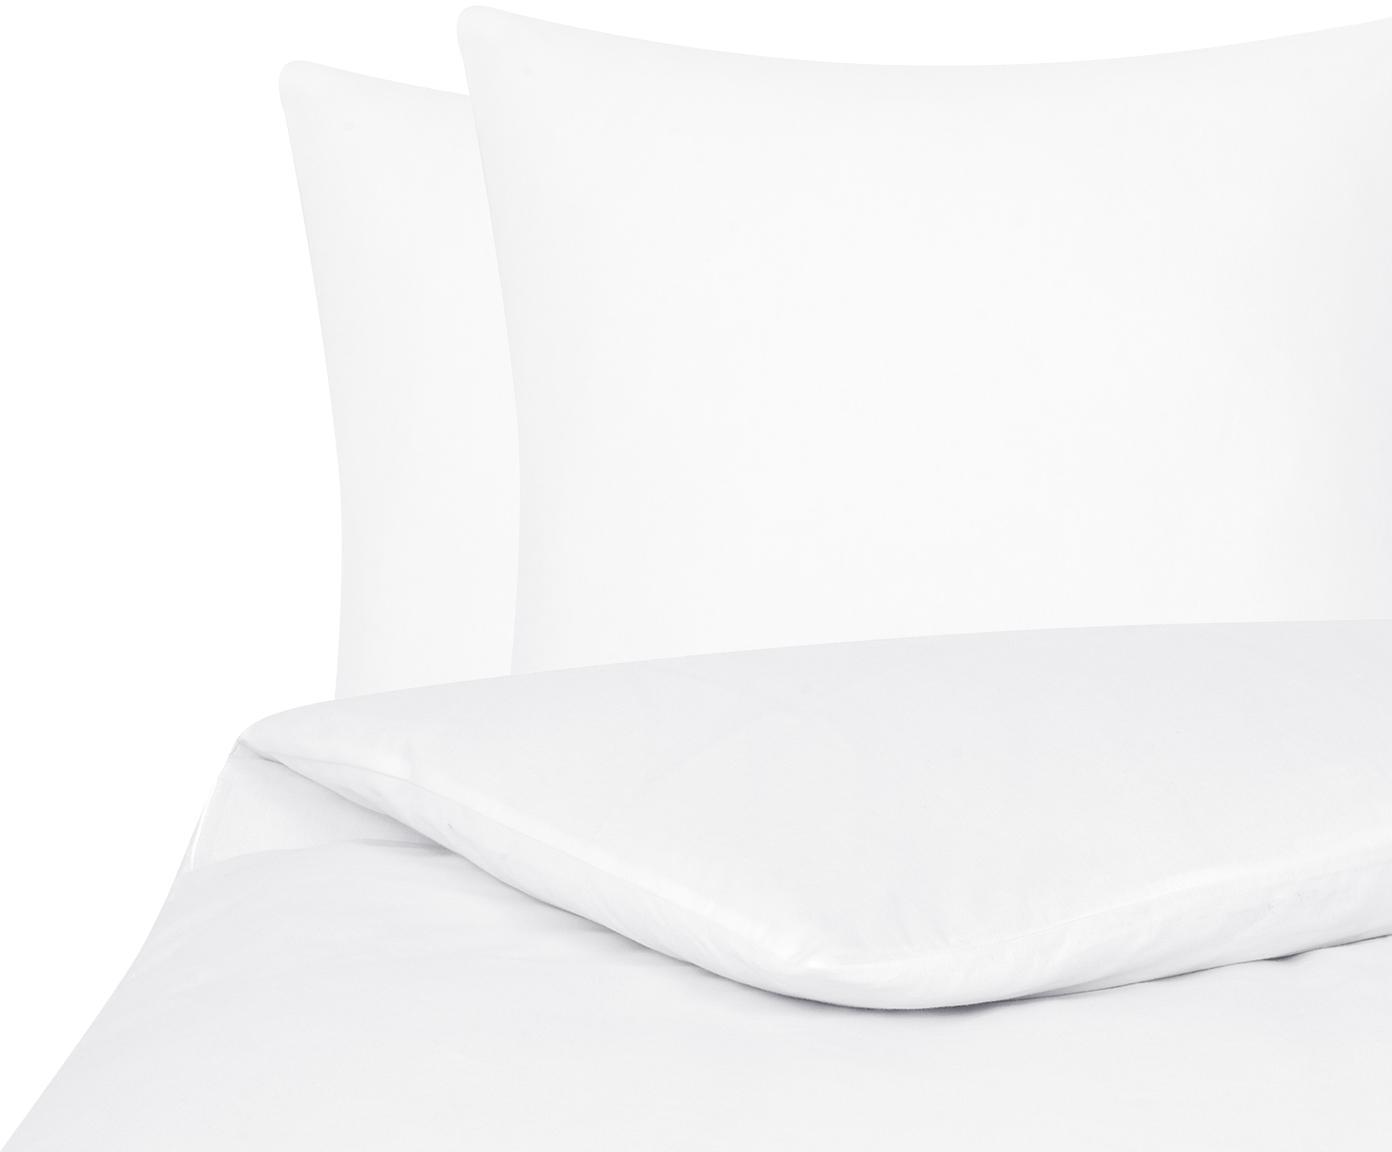 Flanell-Bettwäsche Biba in Weiß, Webart: Flanell Flanell ist ein s, Weiß, 240 x 220 cm + 2 Kissen 80 x 80 cm